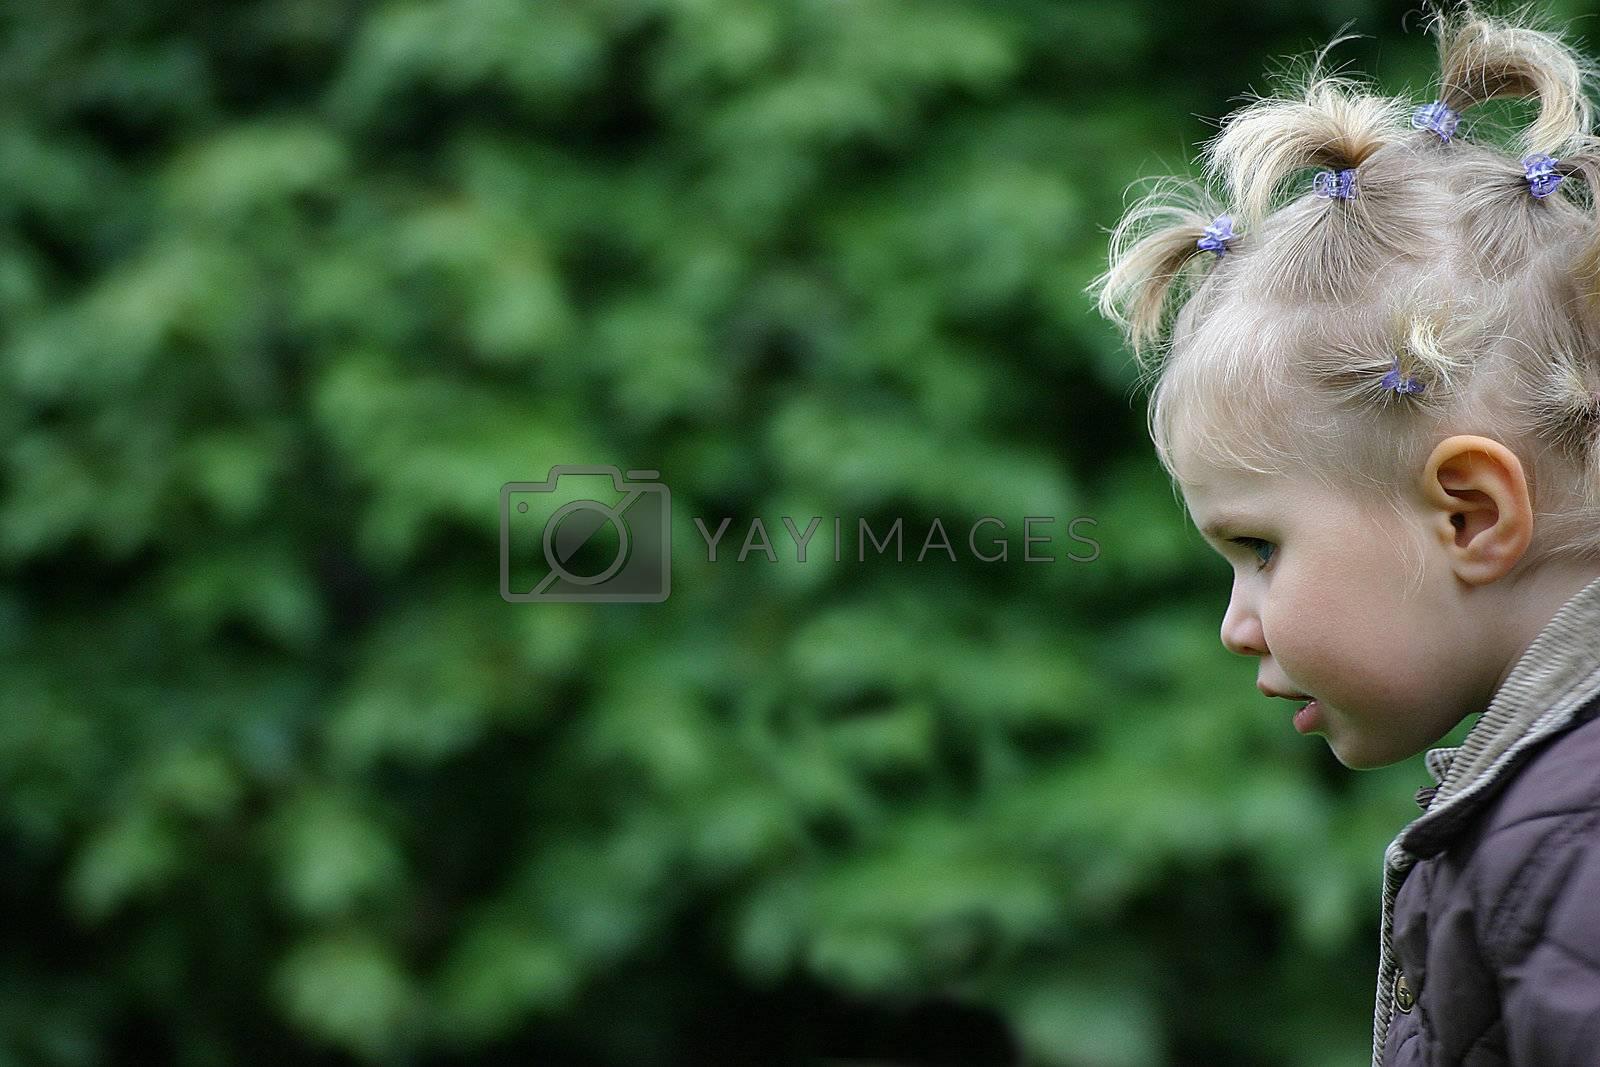 child's hair